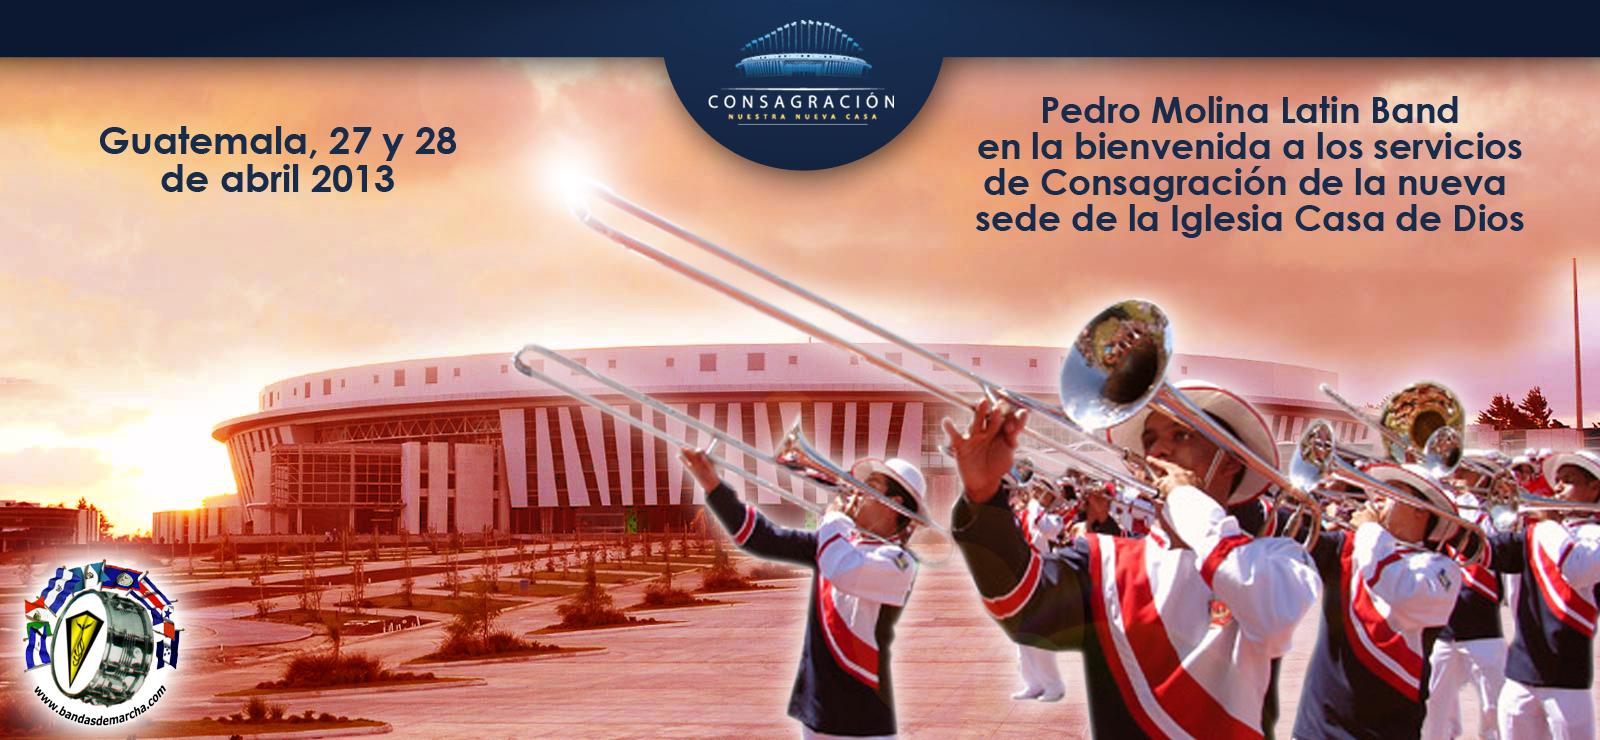 Bienvenidos A La Casa De Dios - Afiche inauguracion casa de dios 2013 guatemala pedro